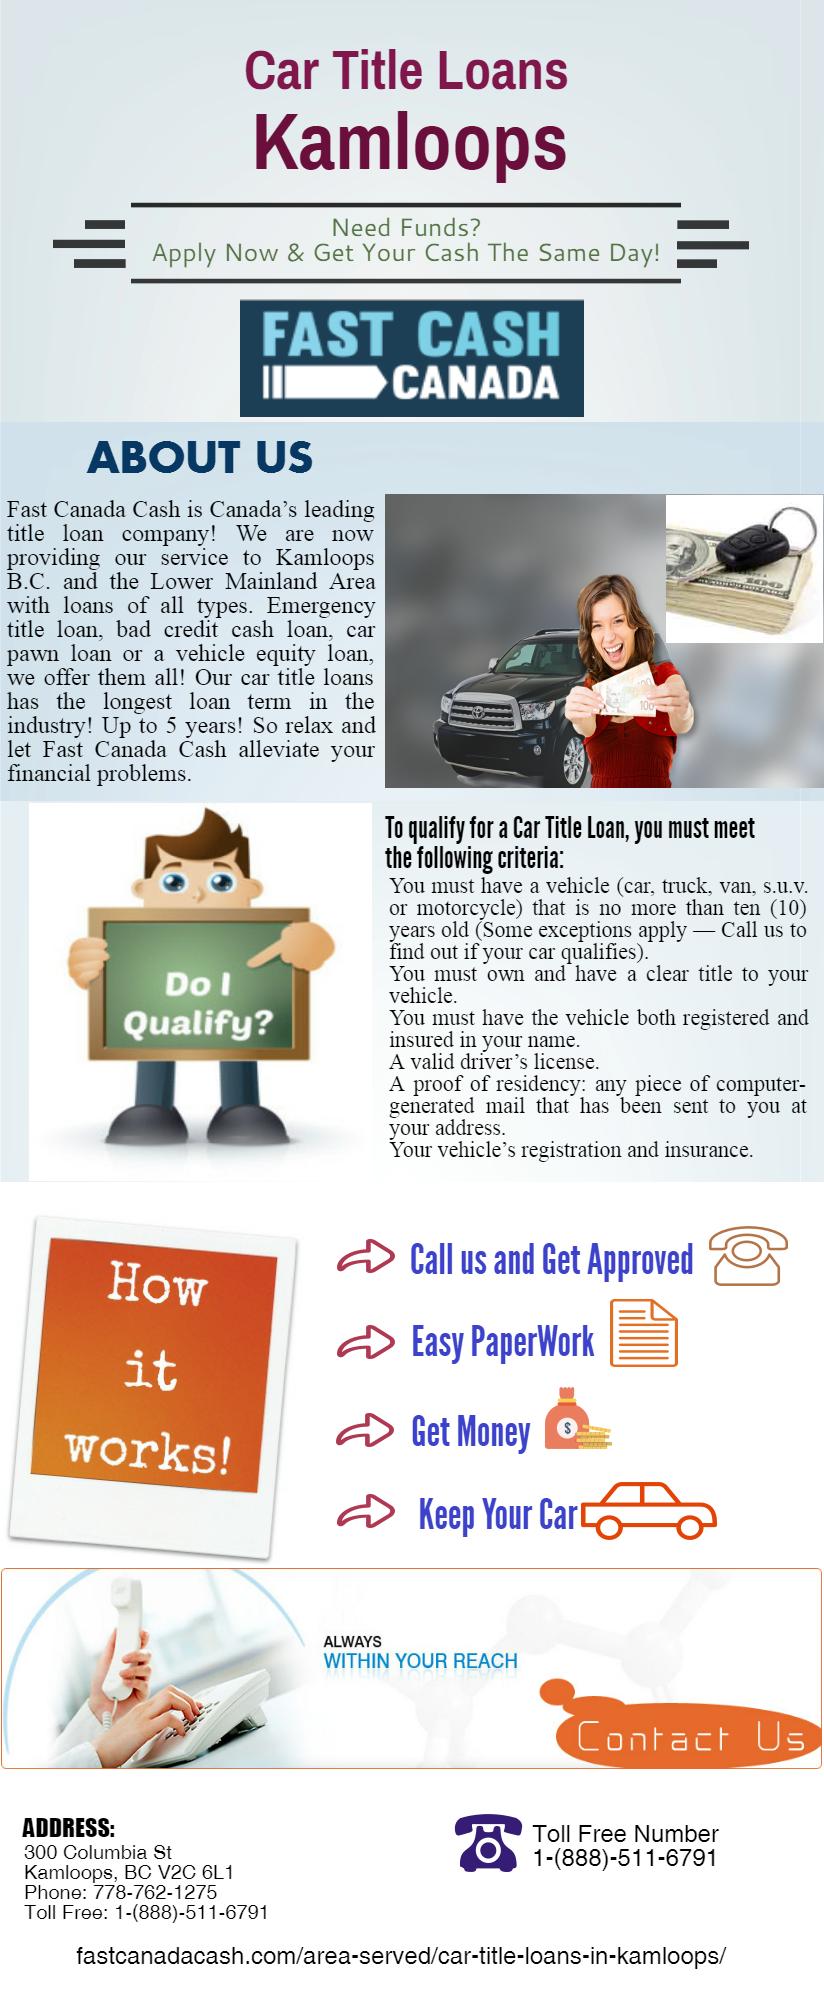 Advantages and disadvantages of merchant cash advances image 1